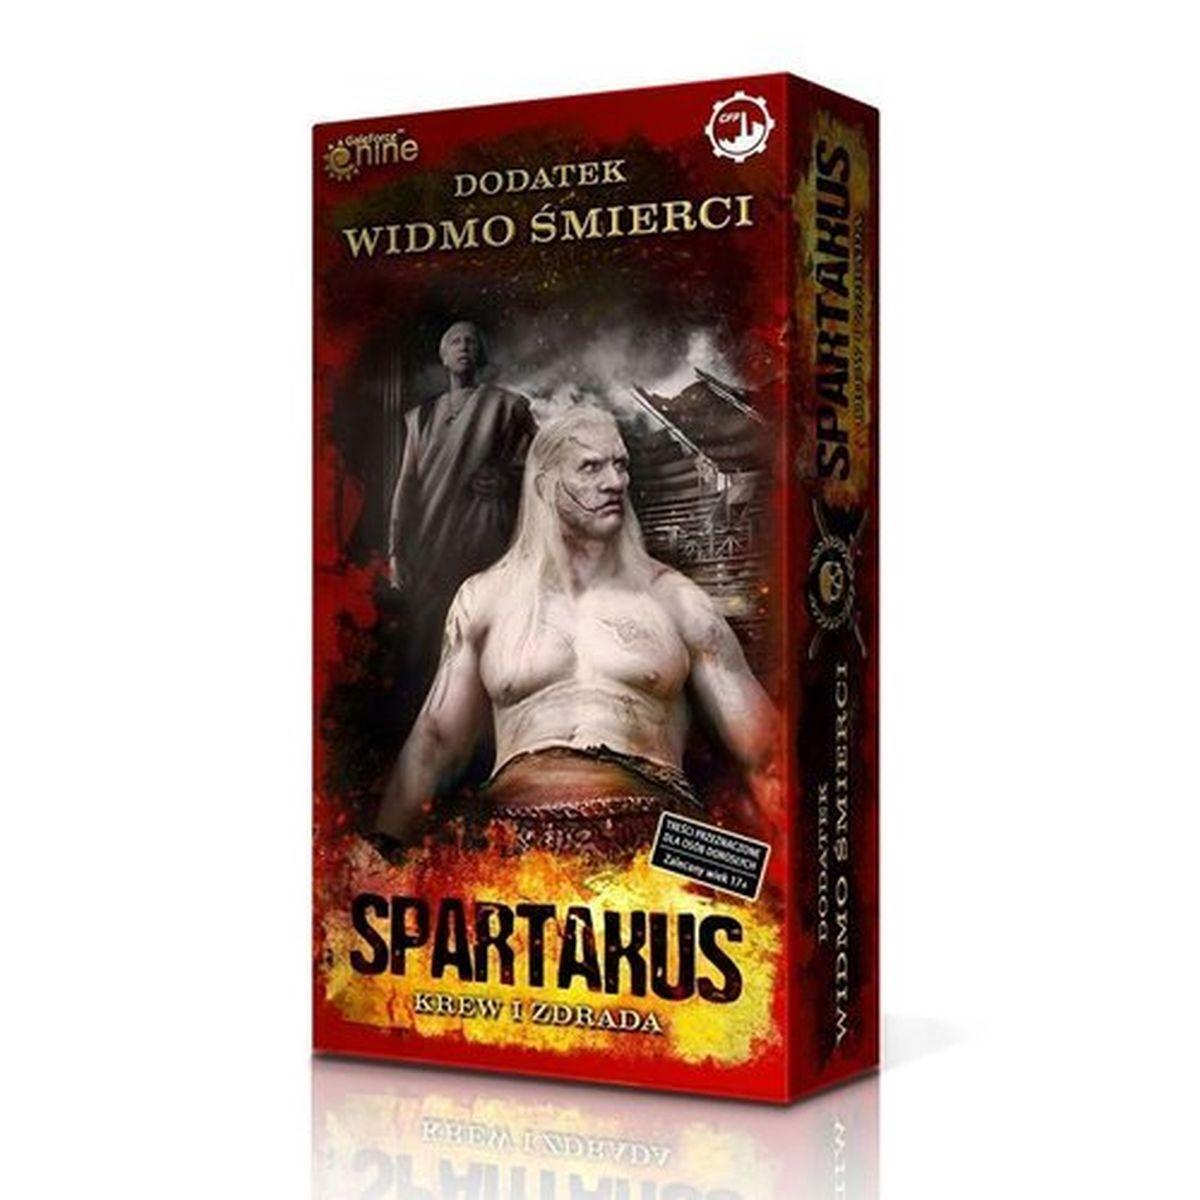 Spartakus. Widmo śmierci